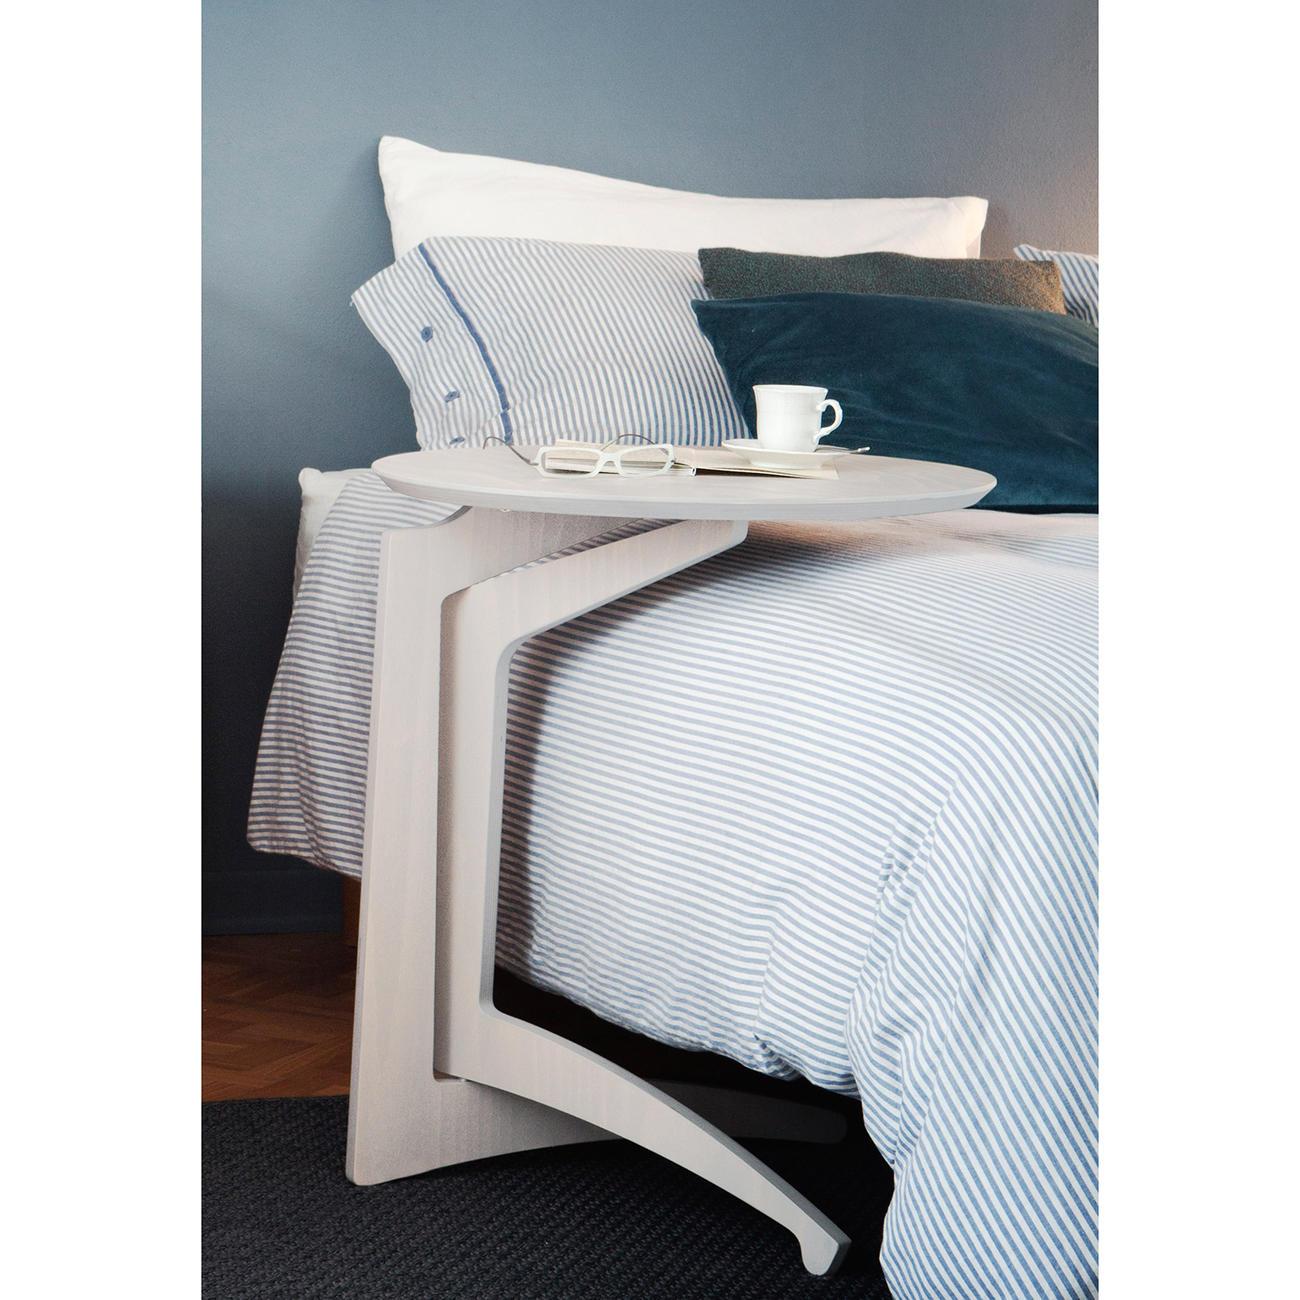 desserte paolo garantie produit de 3 ans. Black Bedroom Furniture Sets. Home Design Ideas